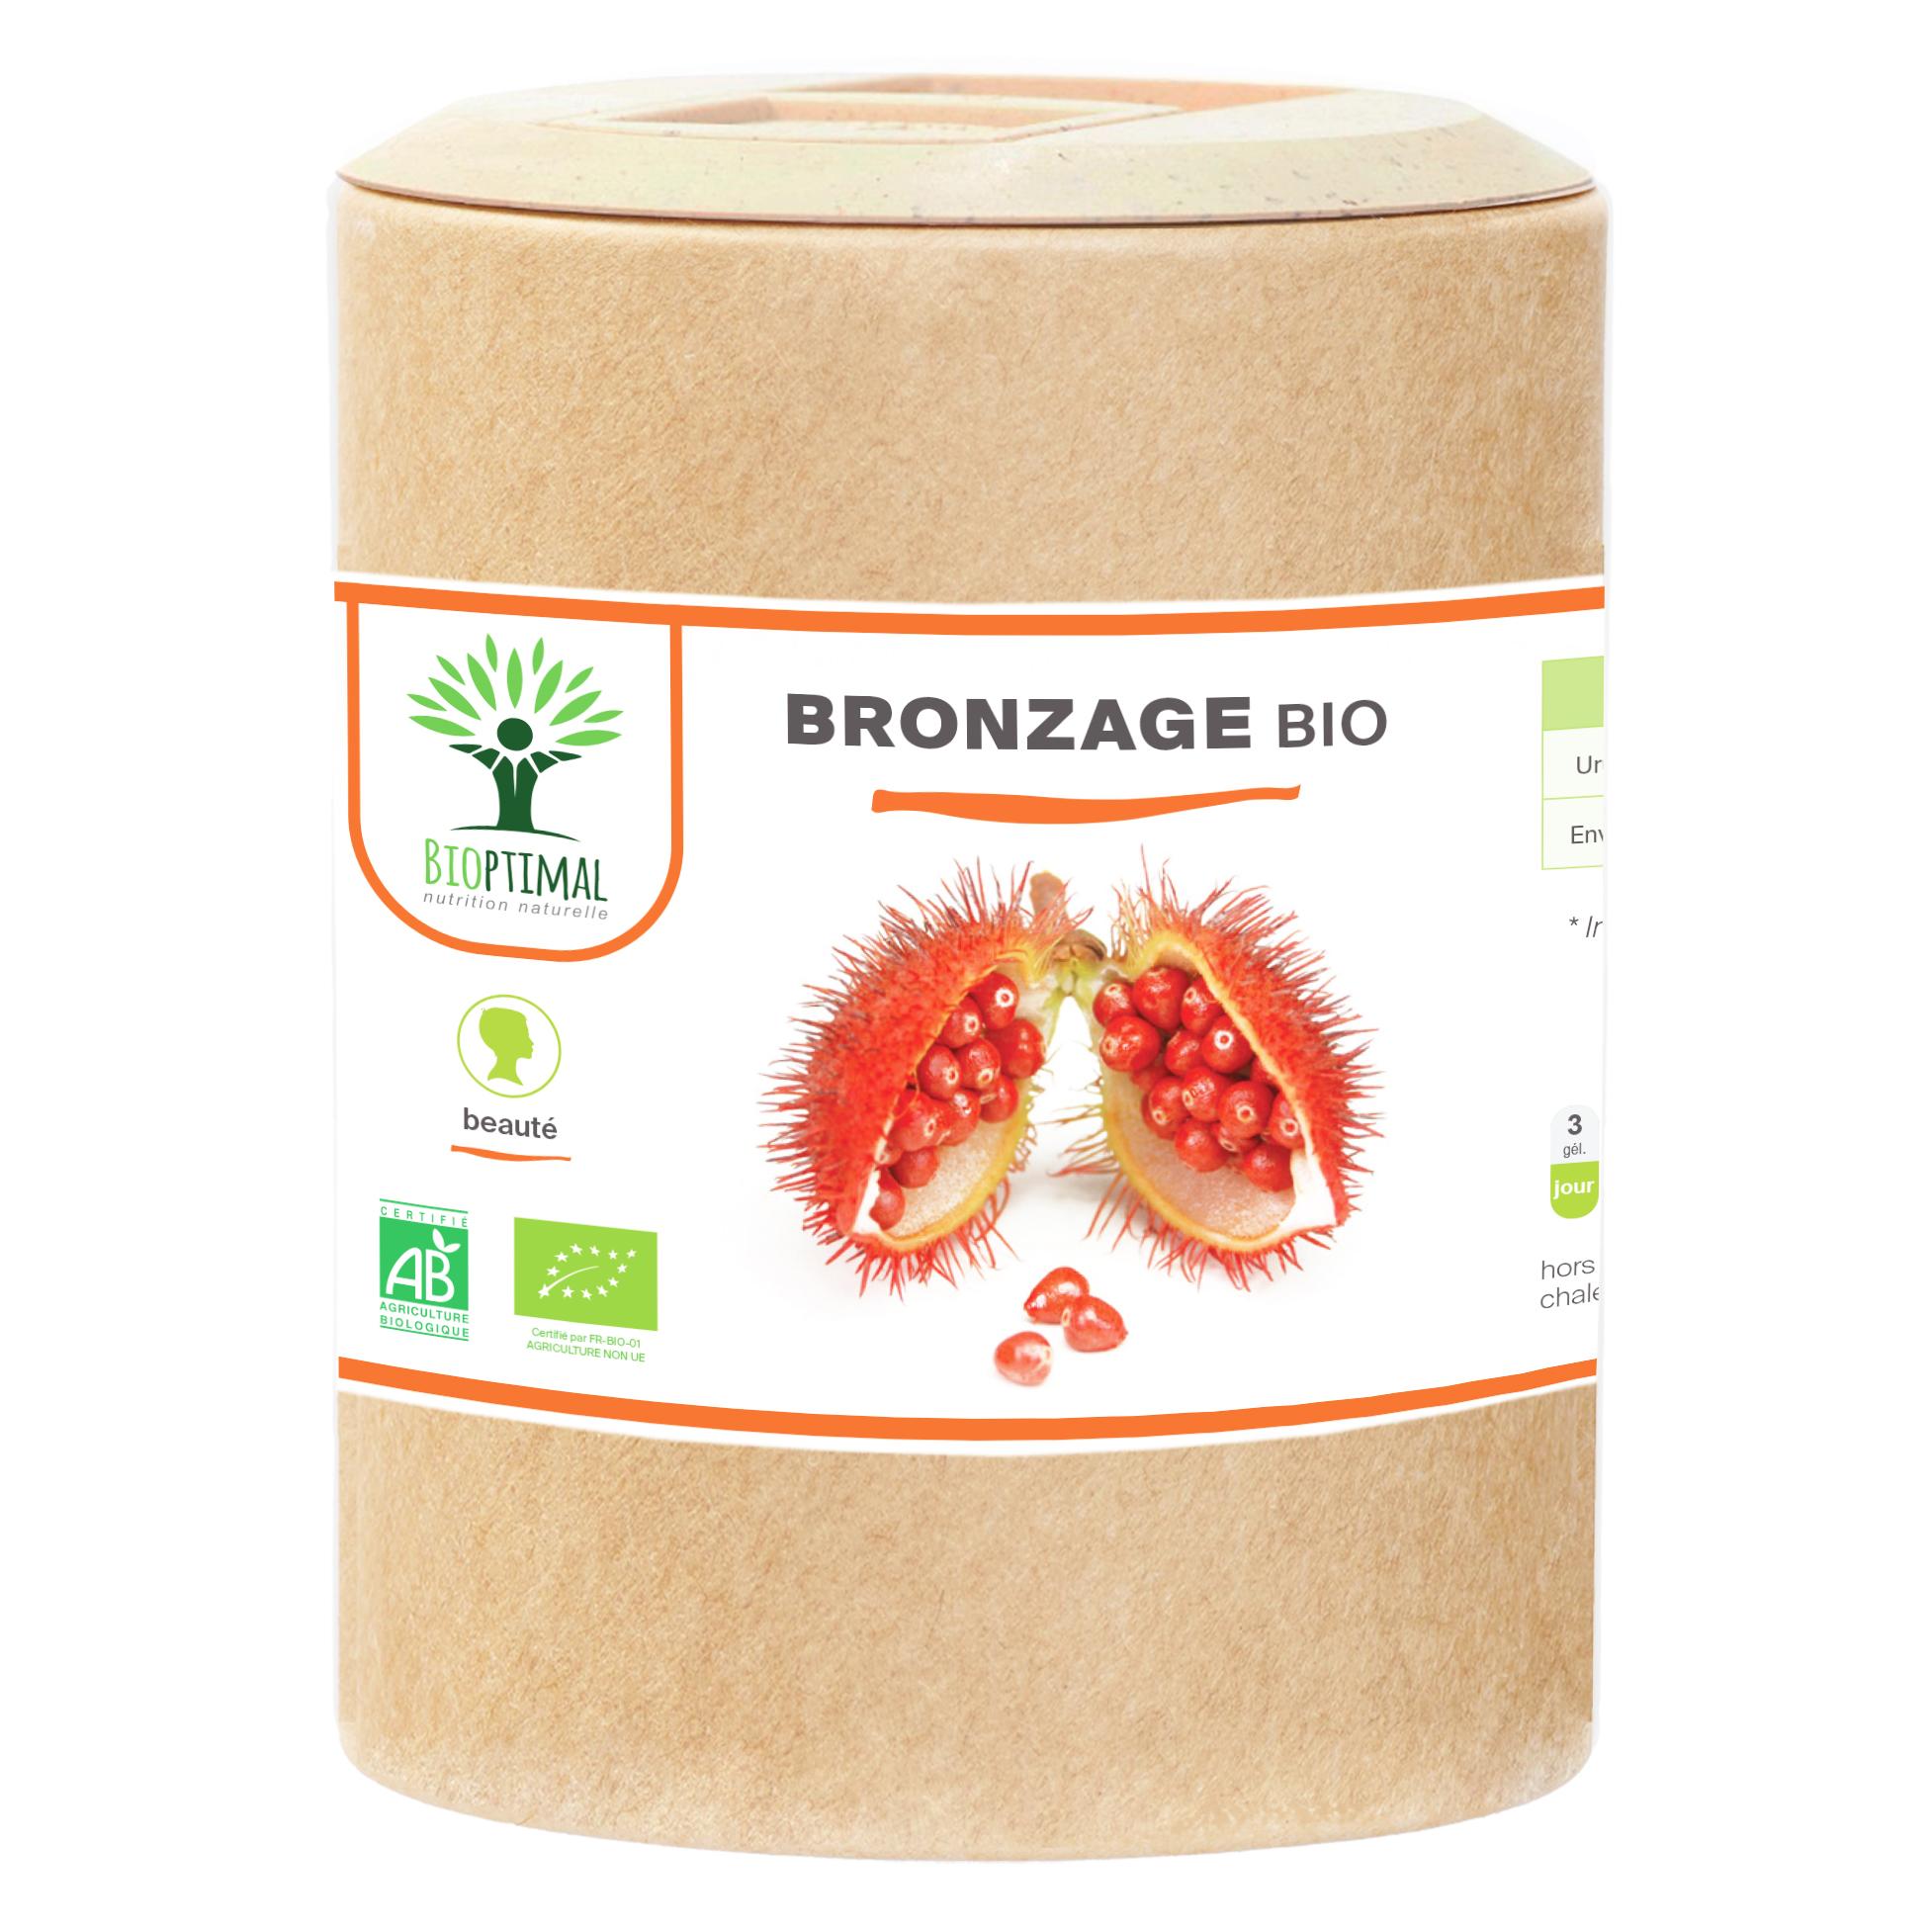 Bioptimal - Bronzage bio - Complement alimentaire Urucum Soleil- 200 gelules